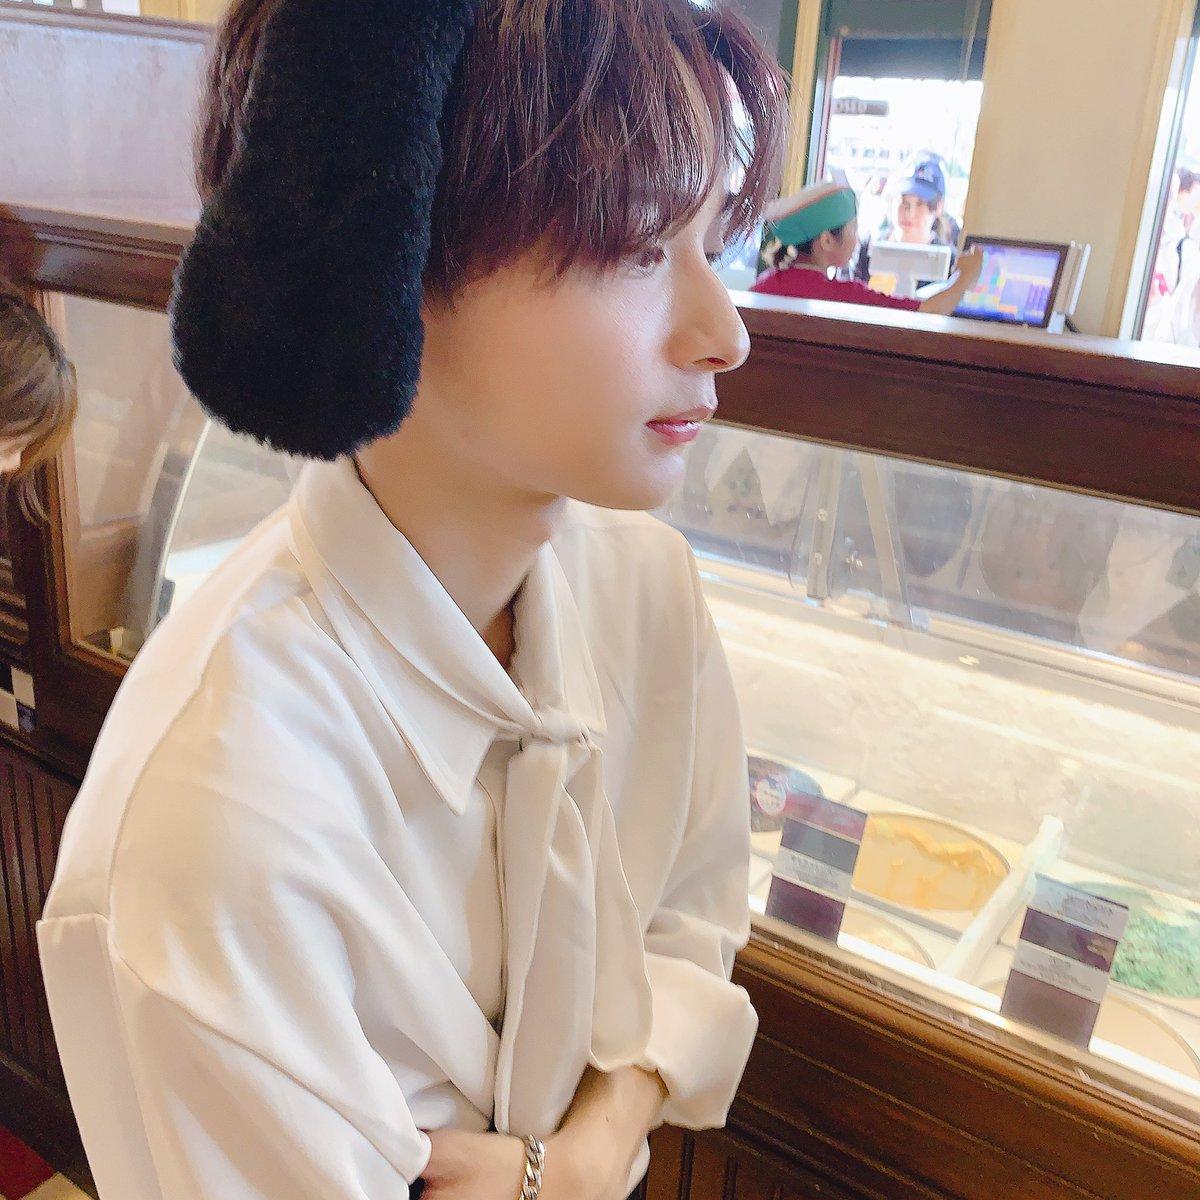 彼氏とユニバなう(?)うねうねセンターワケ